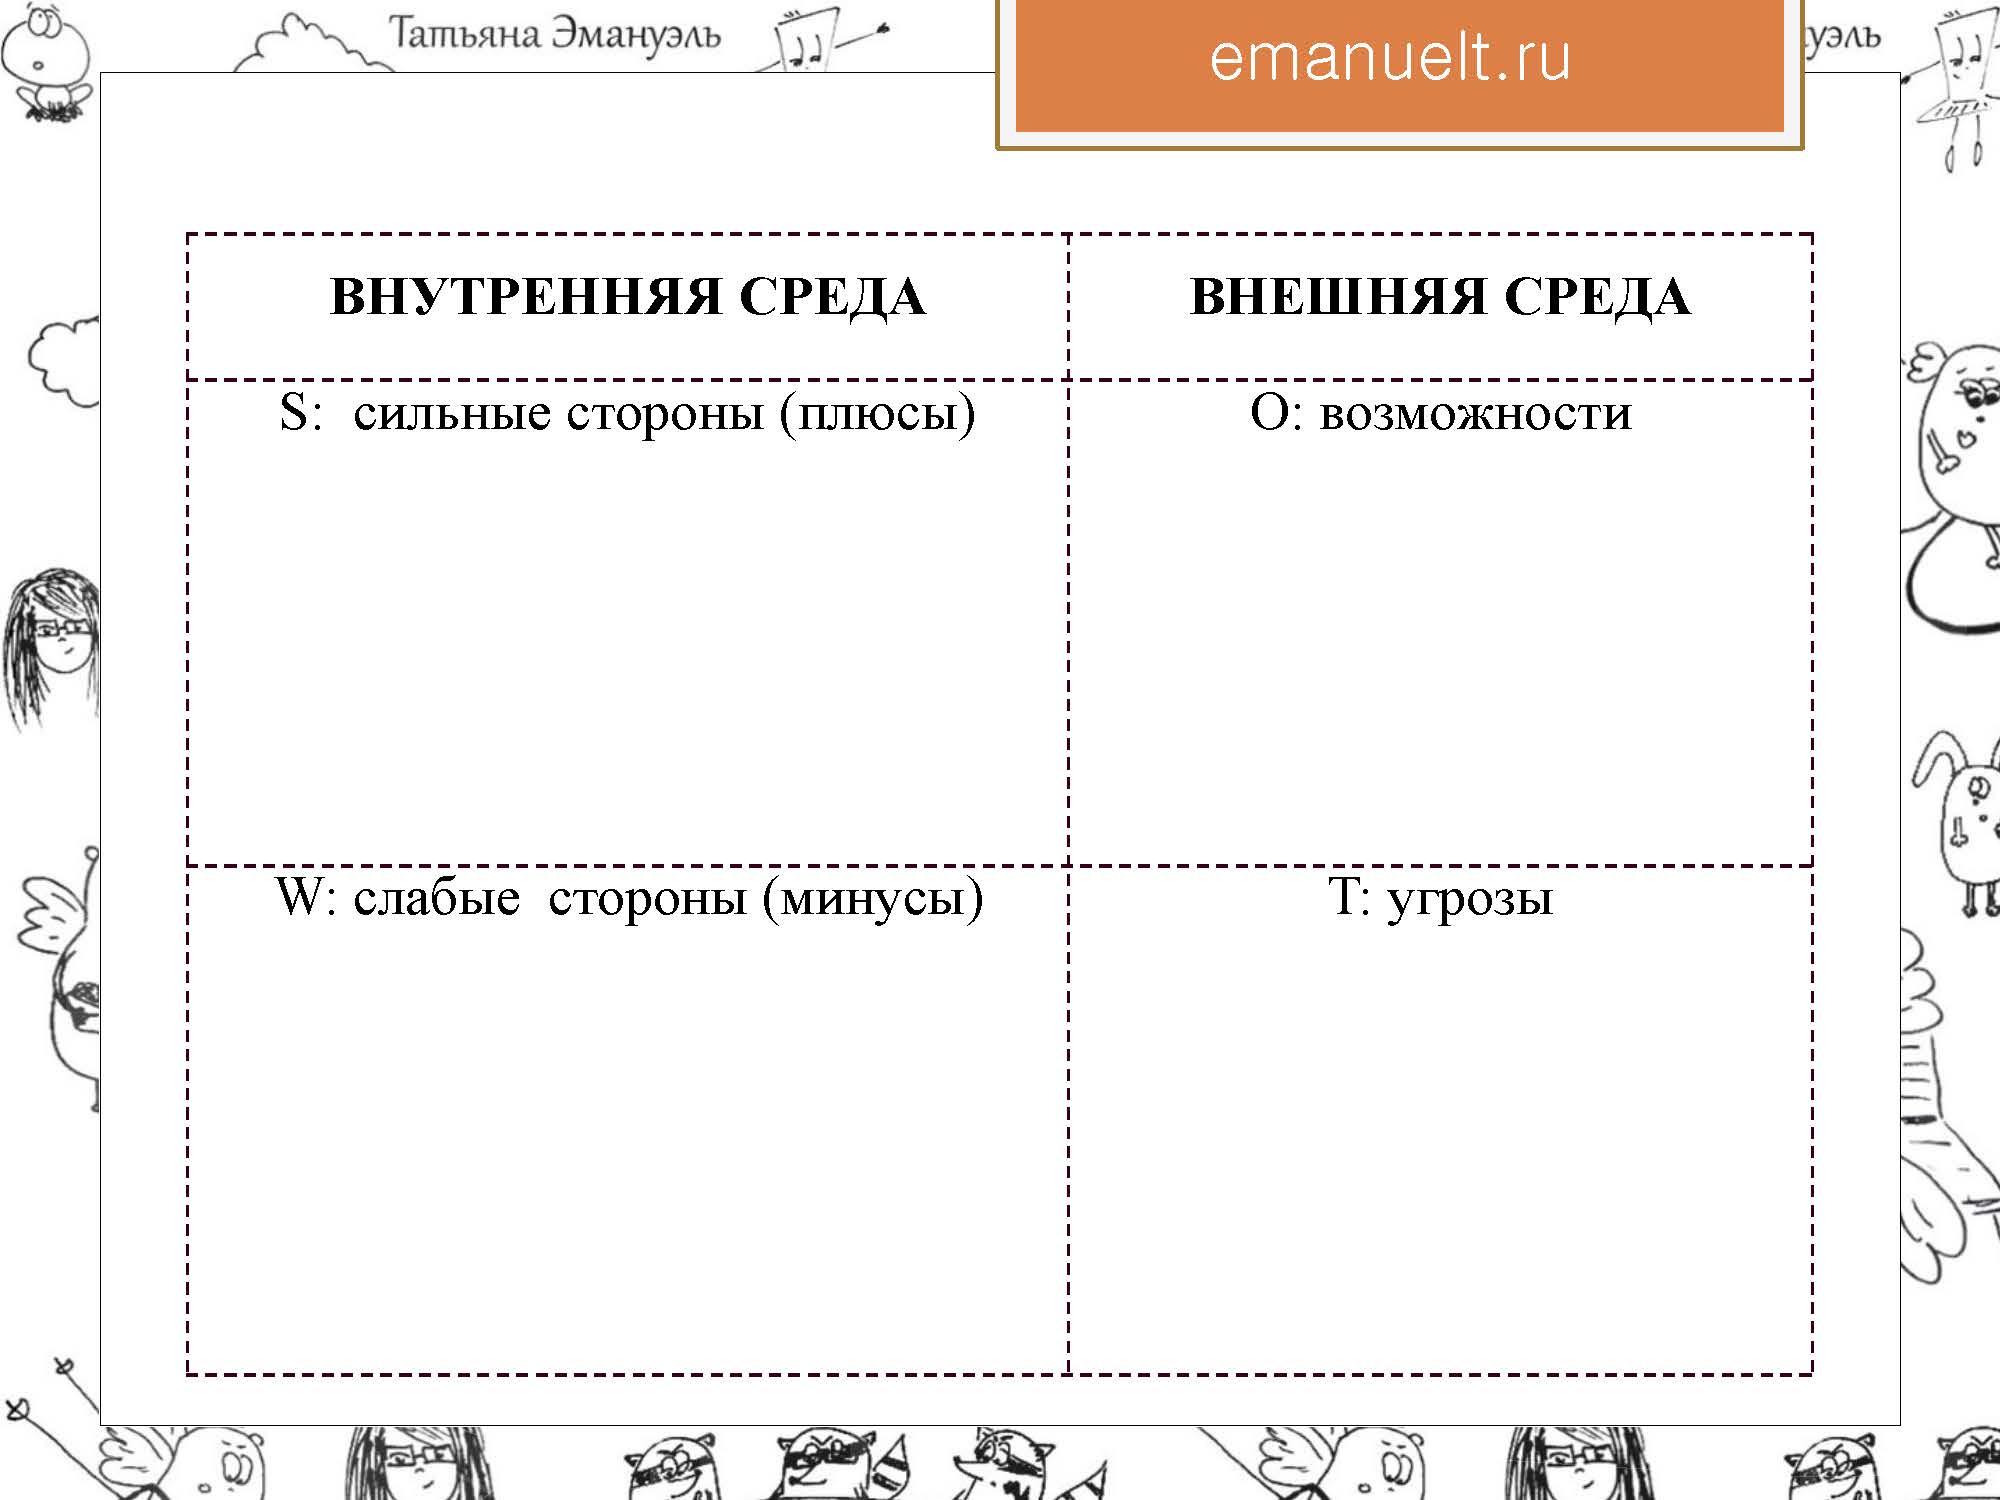 проектный эмануэль_Страница_62